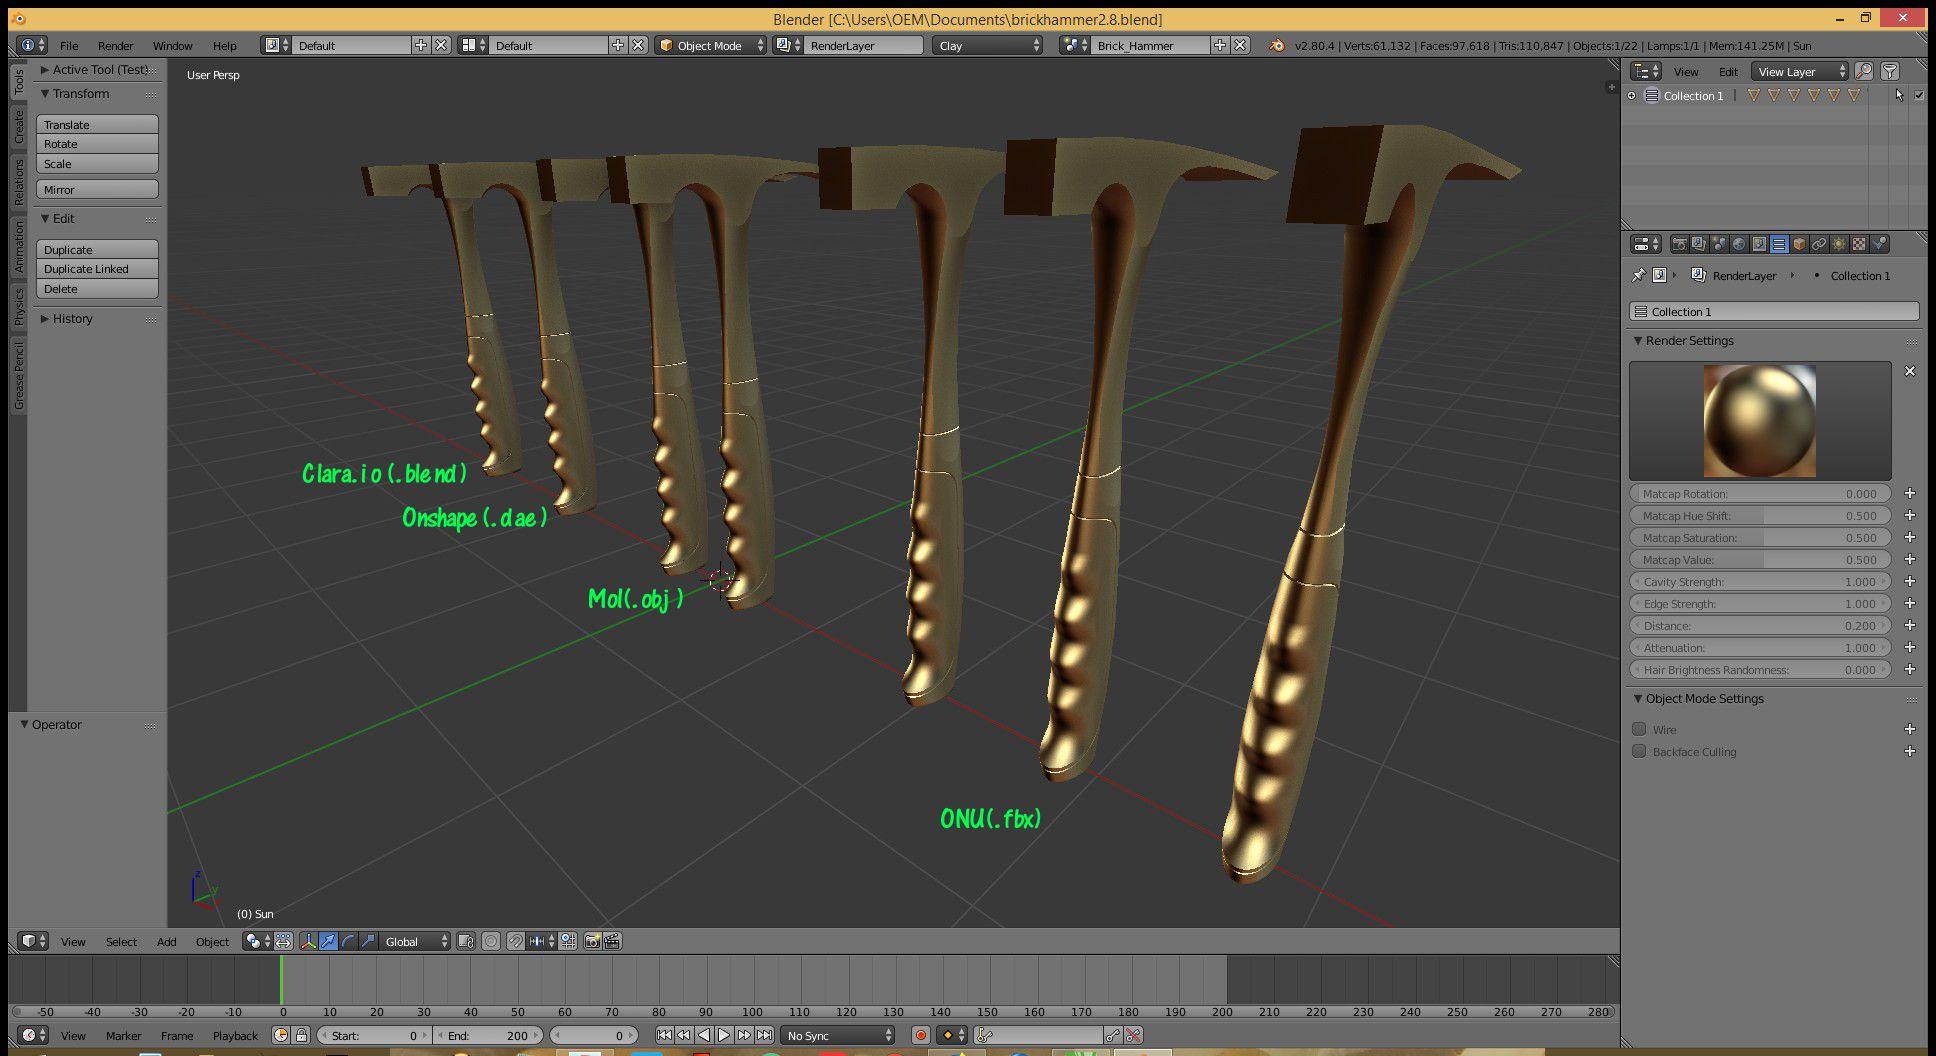 Workflow for modelling in Onshape, rendering in Blender